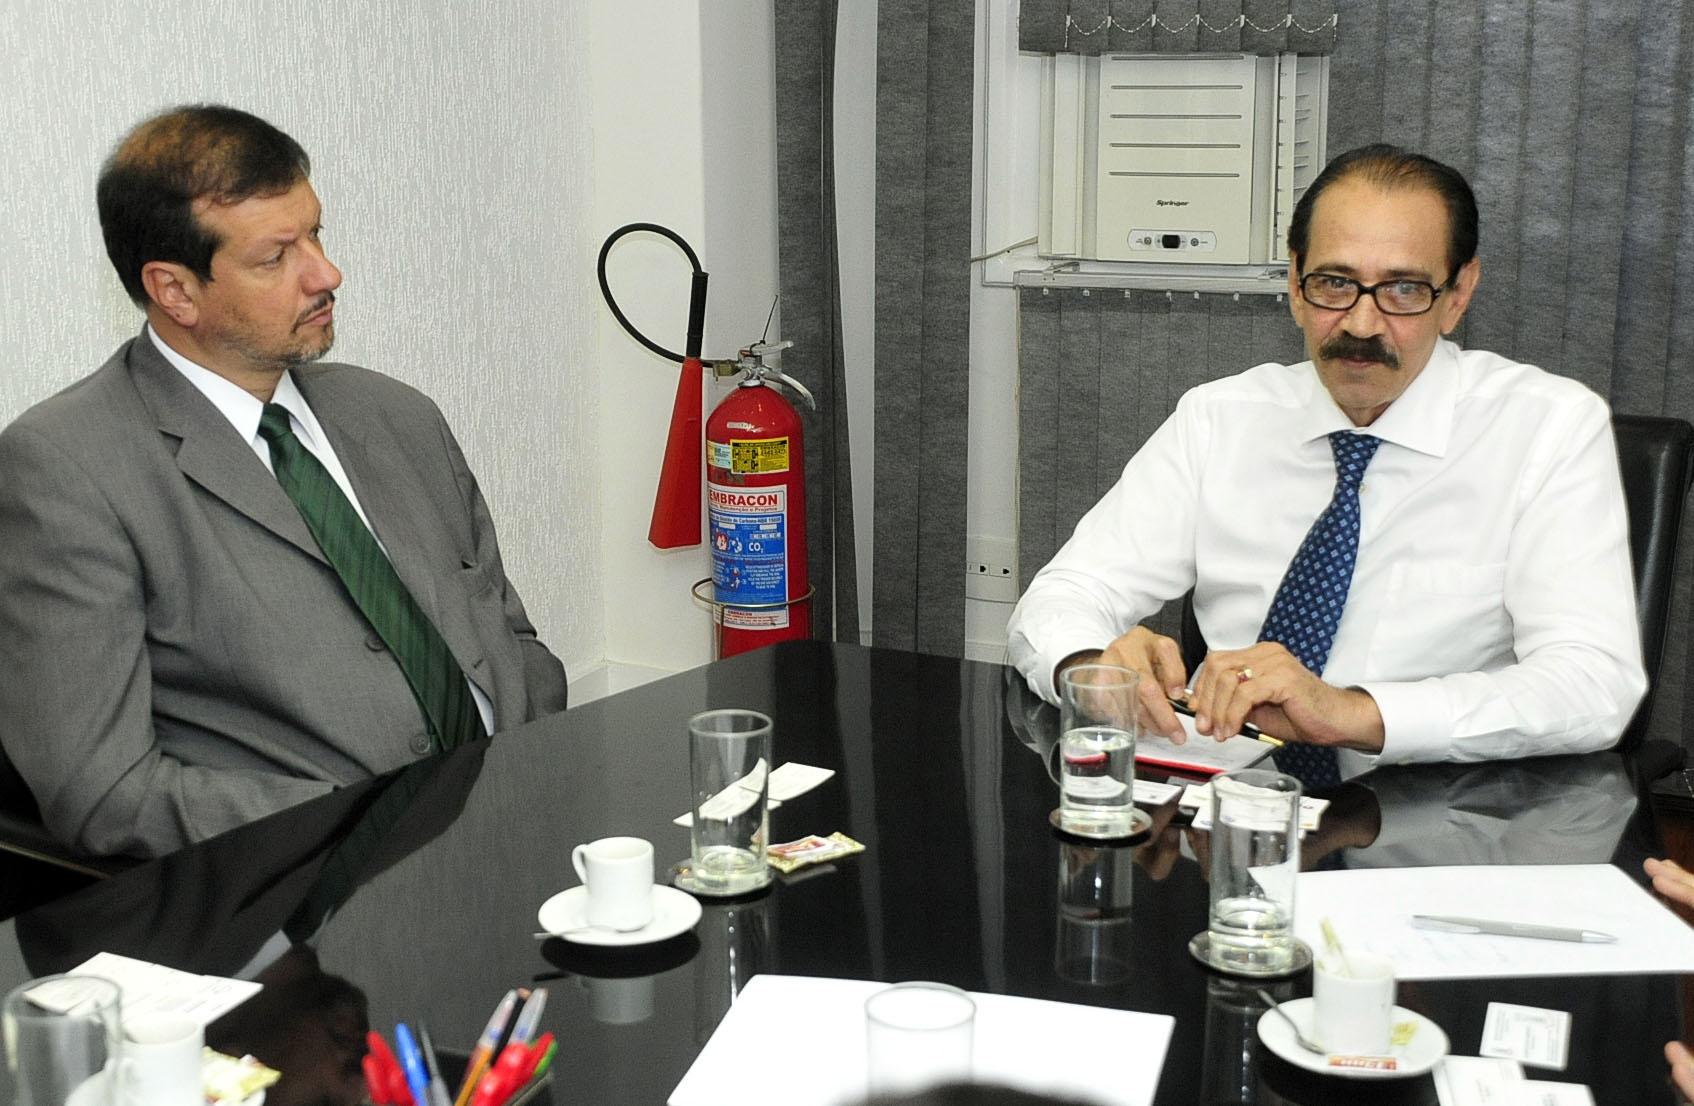 Na foto, o Prefeito Lindenmeyer com o Dr. Ariovaldo Rocha. (Fotos: Botelho)